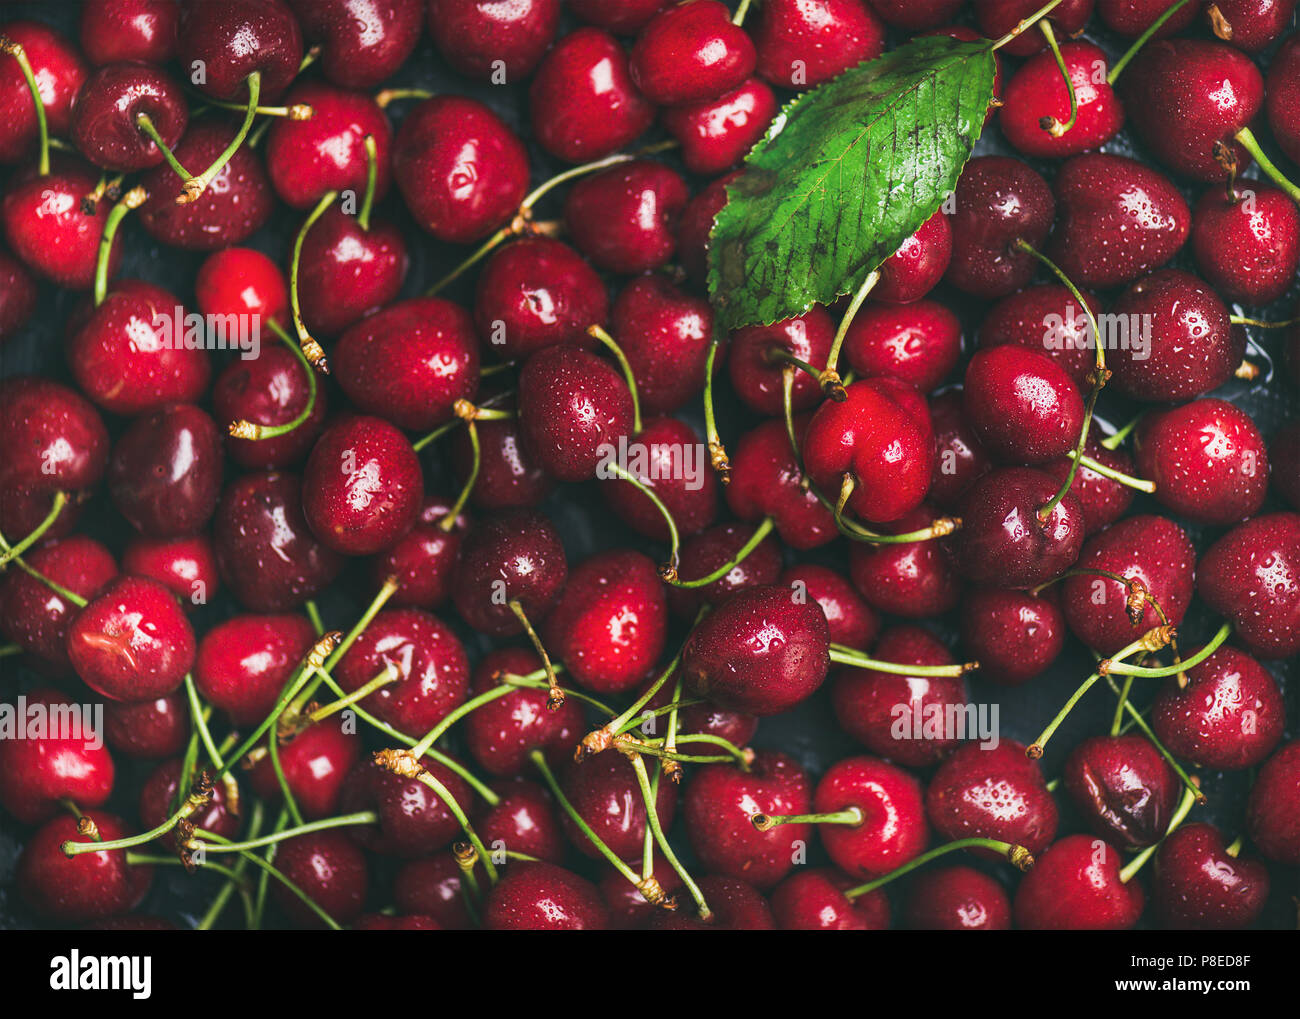 La cereza dulce textura fresca, papel tapiz y antecedentes Imagen De Stock